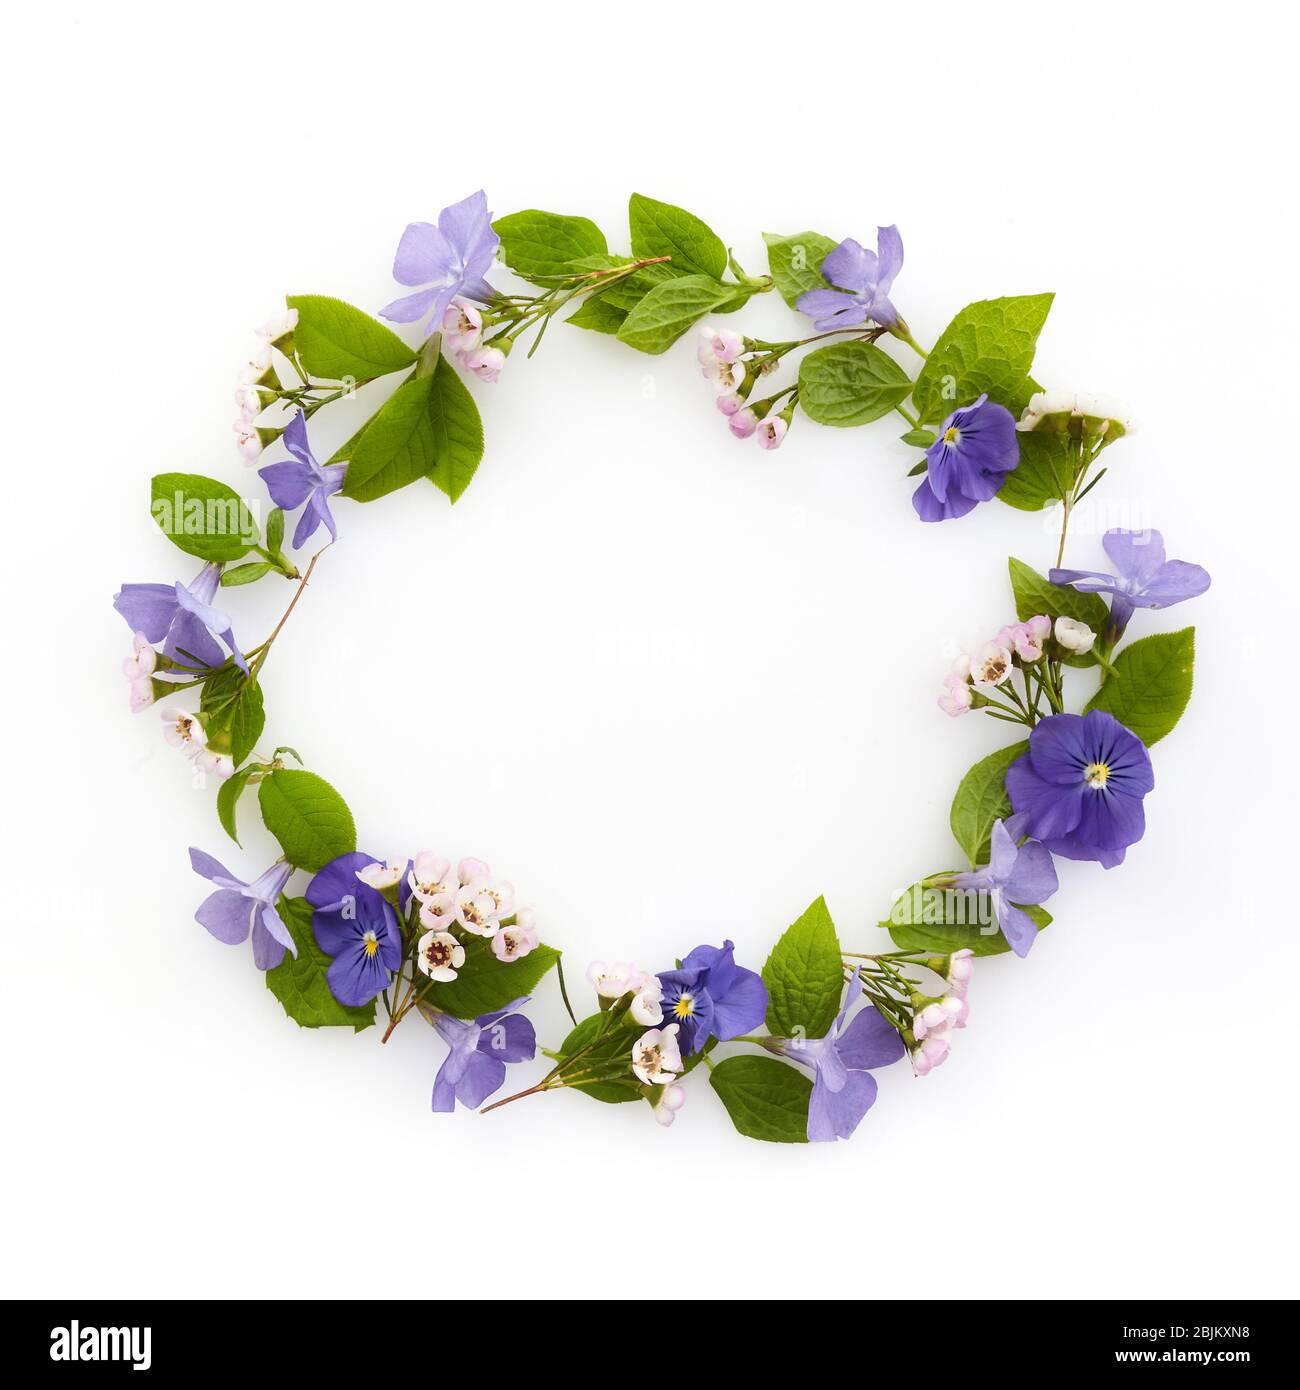 Blumenzusammensetzung. Kranz aus verschiedenen bunten Blumen. Ostern, Frühling, Sommer Konzept. Flach liegend, Draufsicht. Stockfoto